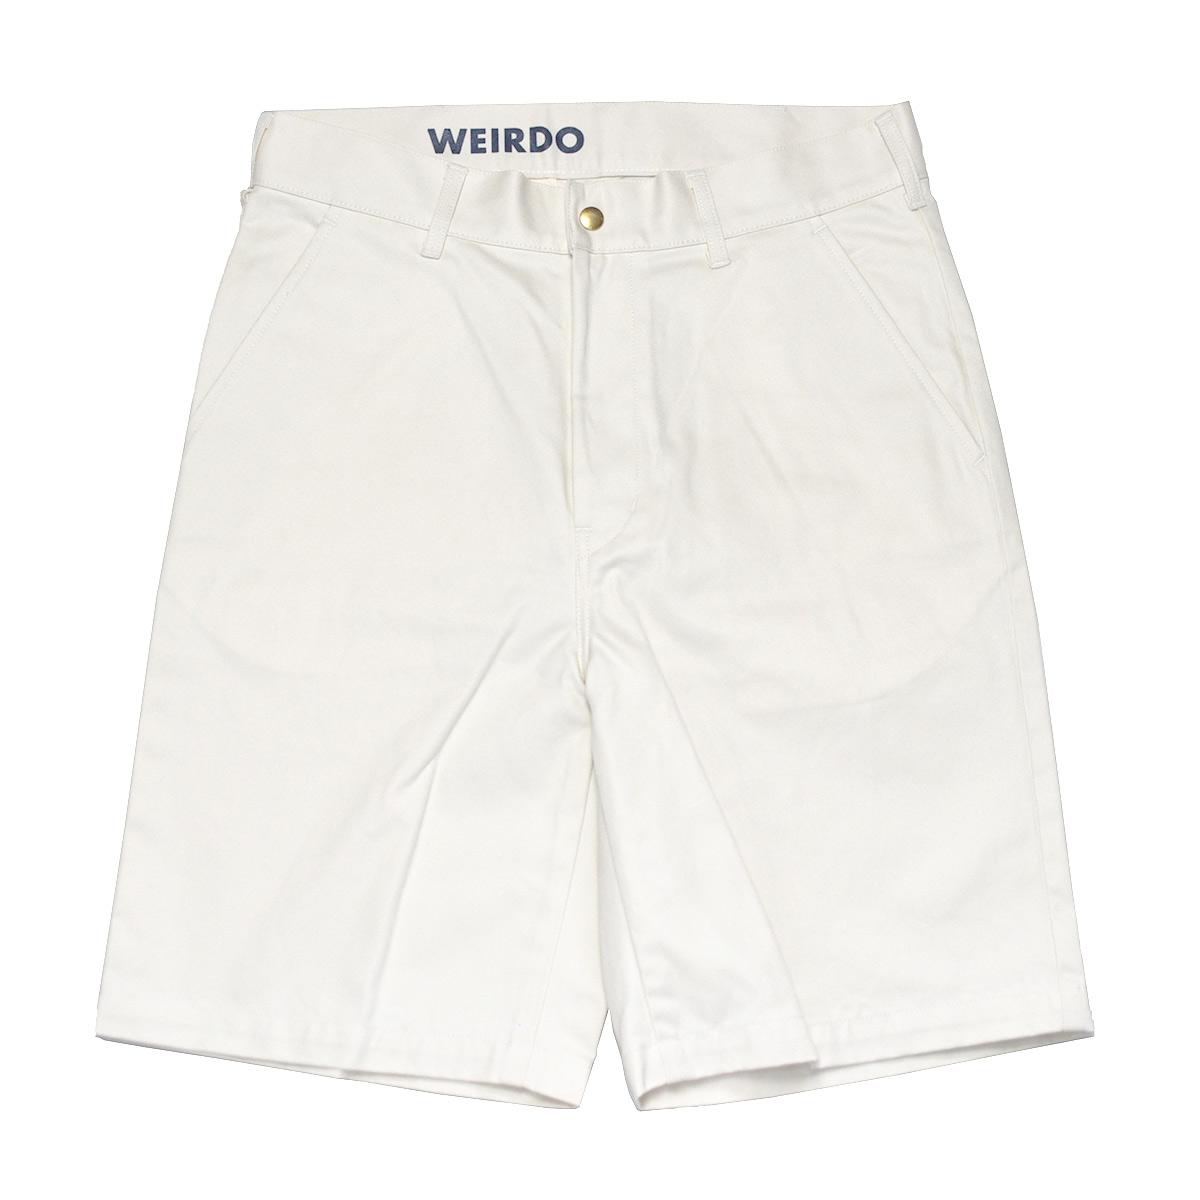 【残り30・36サイズのみ】WEIRDO W & L UP - SHORTS (IVORY) ウィアード リフトアップ ショーツ/ハーフパンツ/GLADHAND【GANGSTERVILLE/ギャングスタービル/OLD CROW/オールドクロウ】